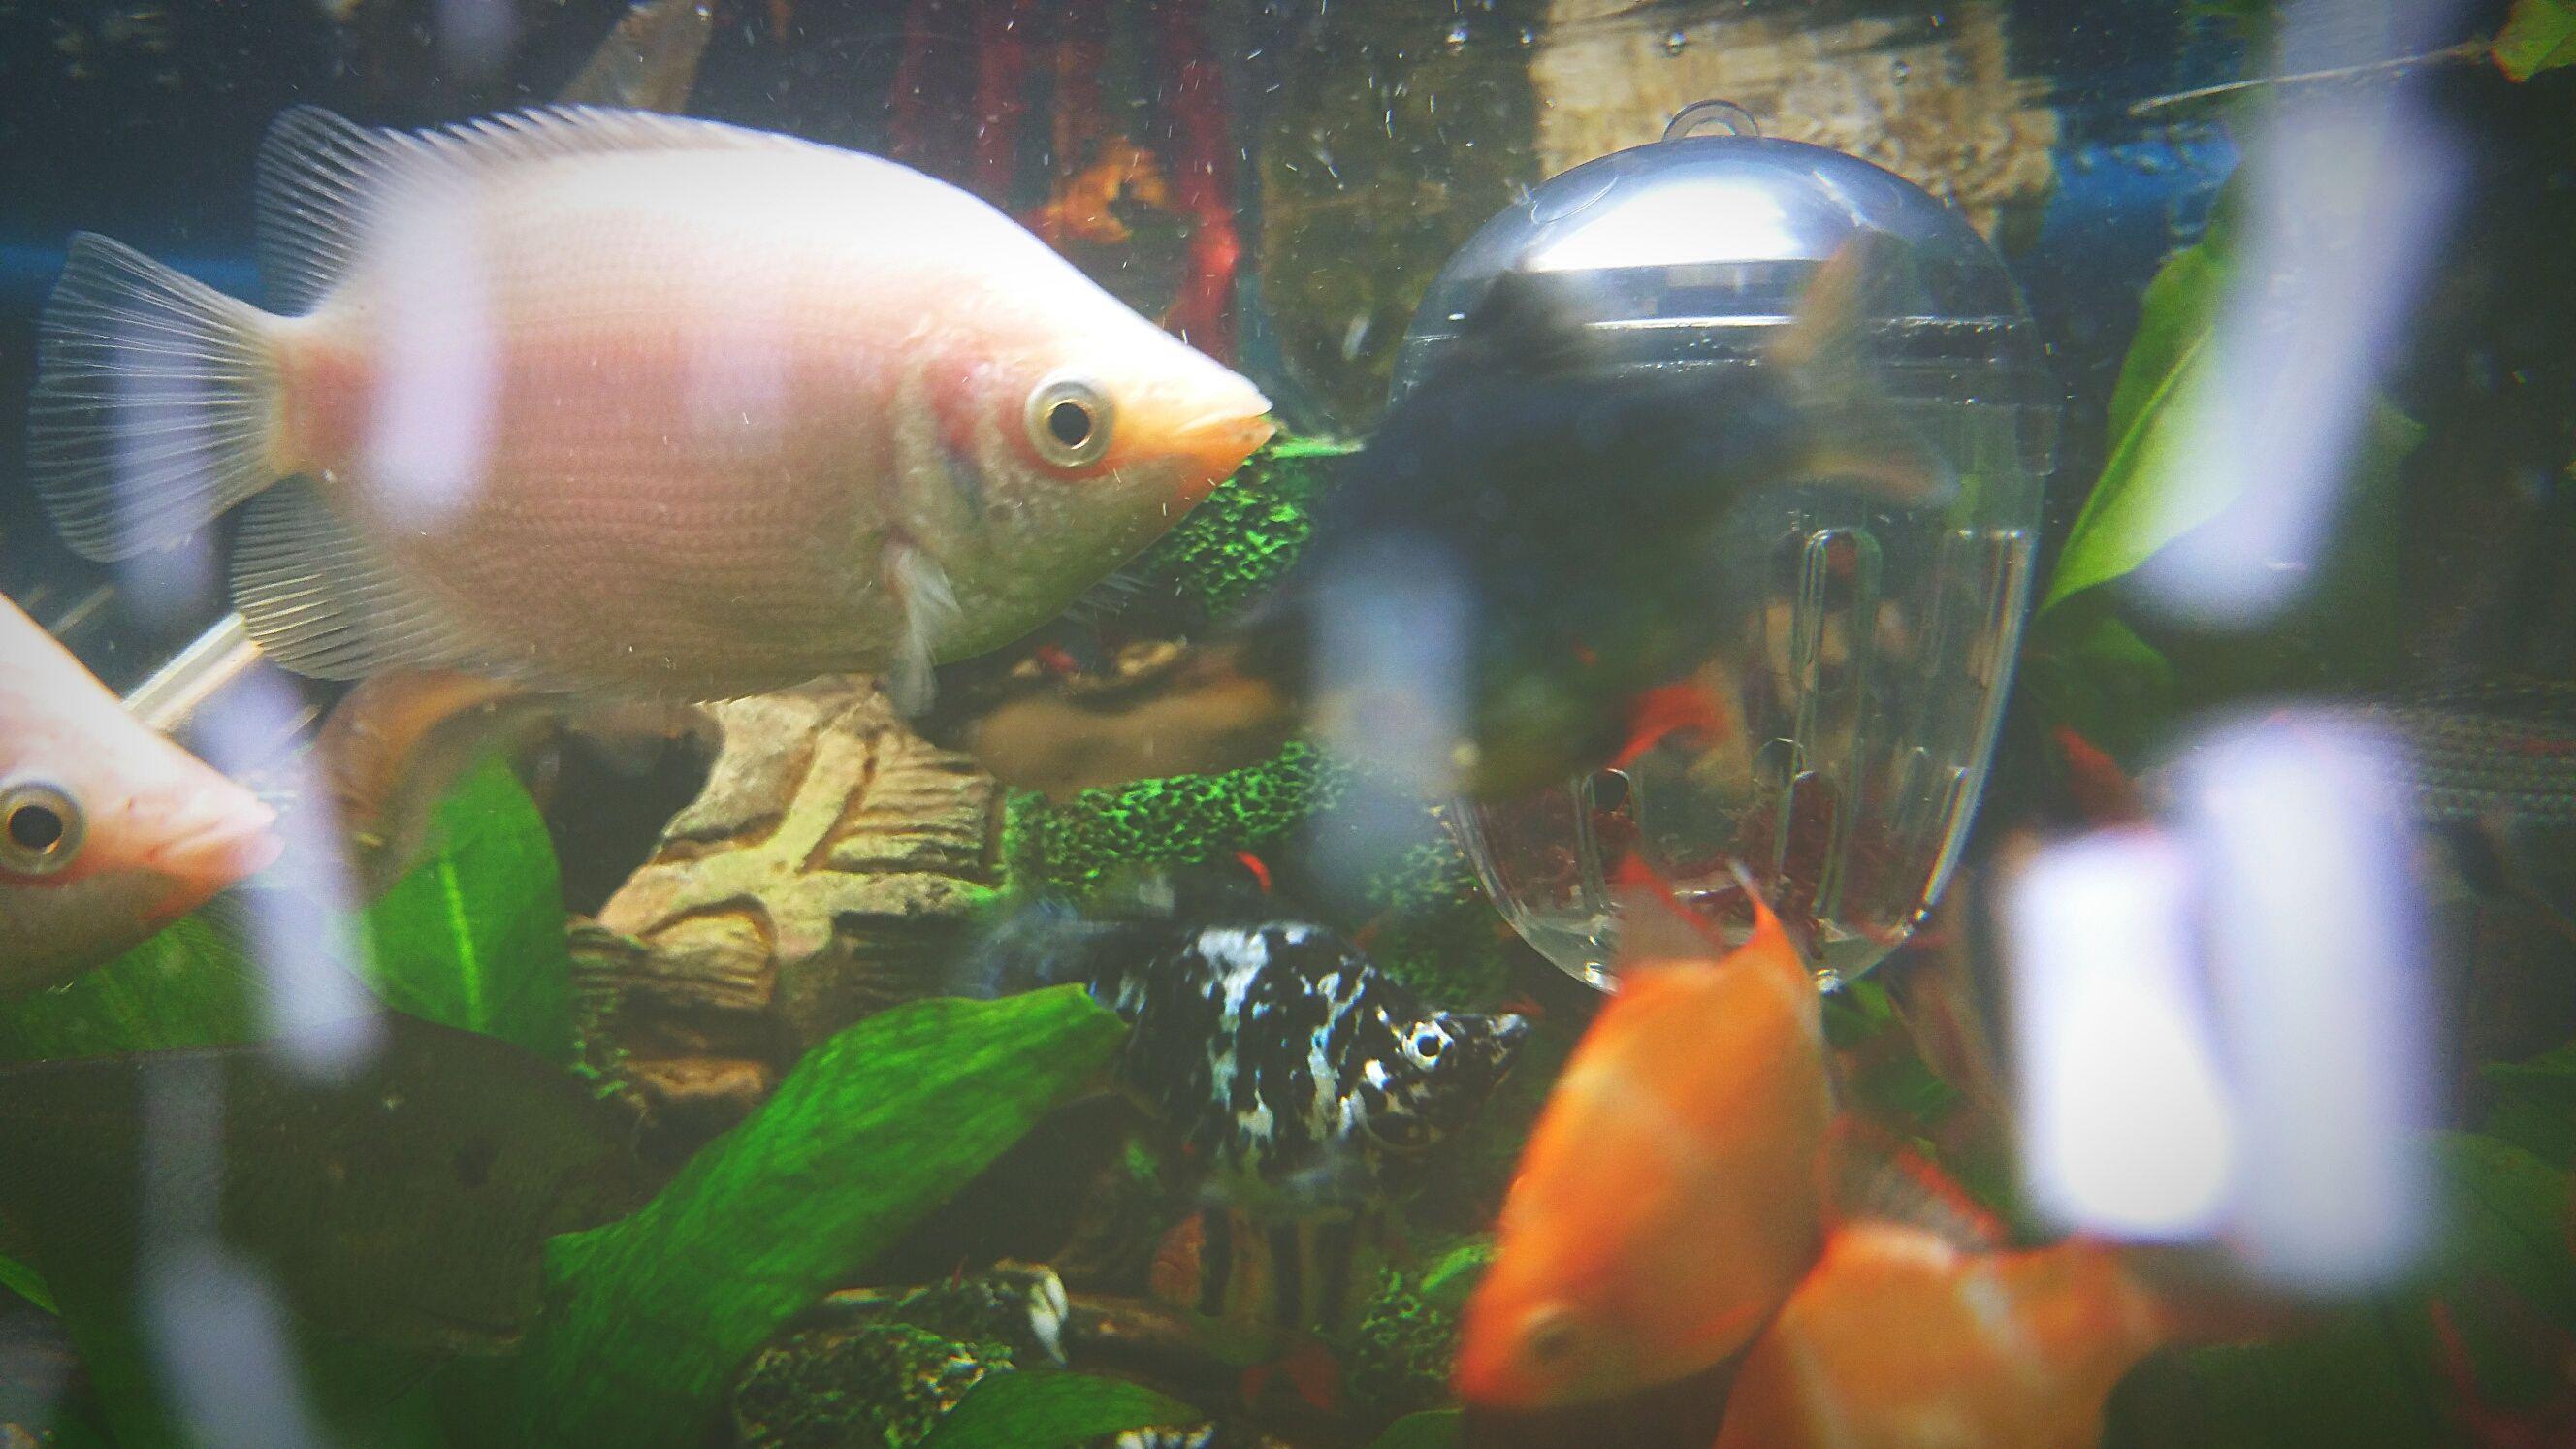 Treating Ammonia Poisoning in Aquarium Fish